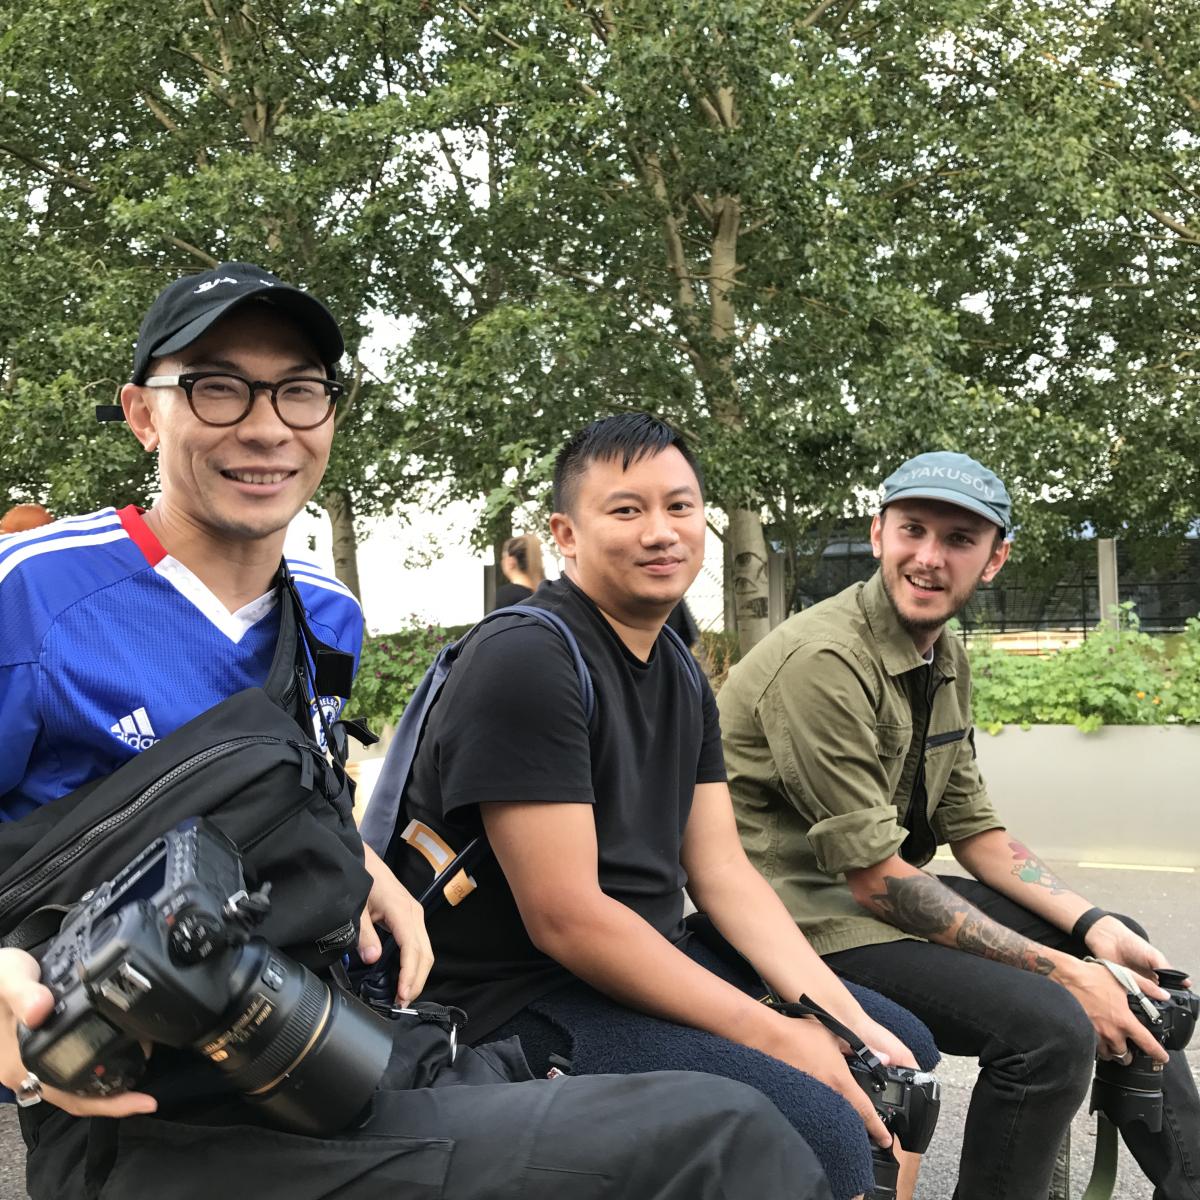 ちなみにこんなむさ苦しい連中が写真撮ってます。左からTyler Joe, Tommy Ton, Joe(写真9)